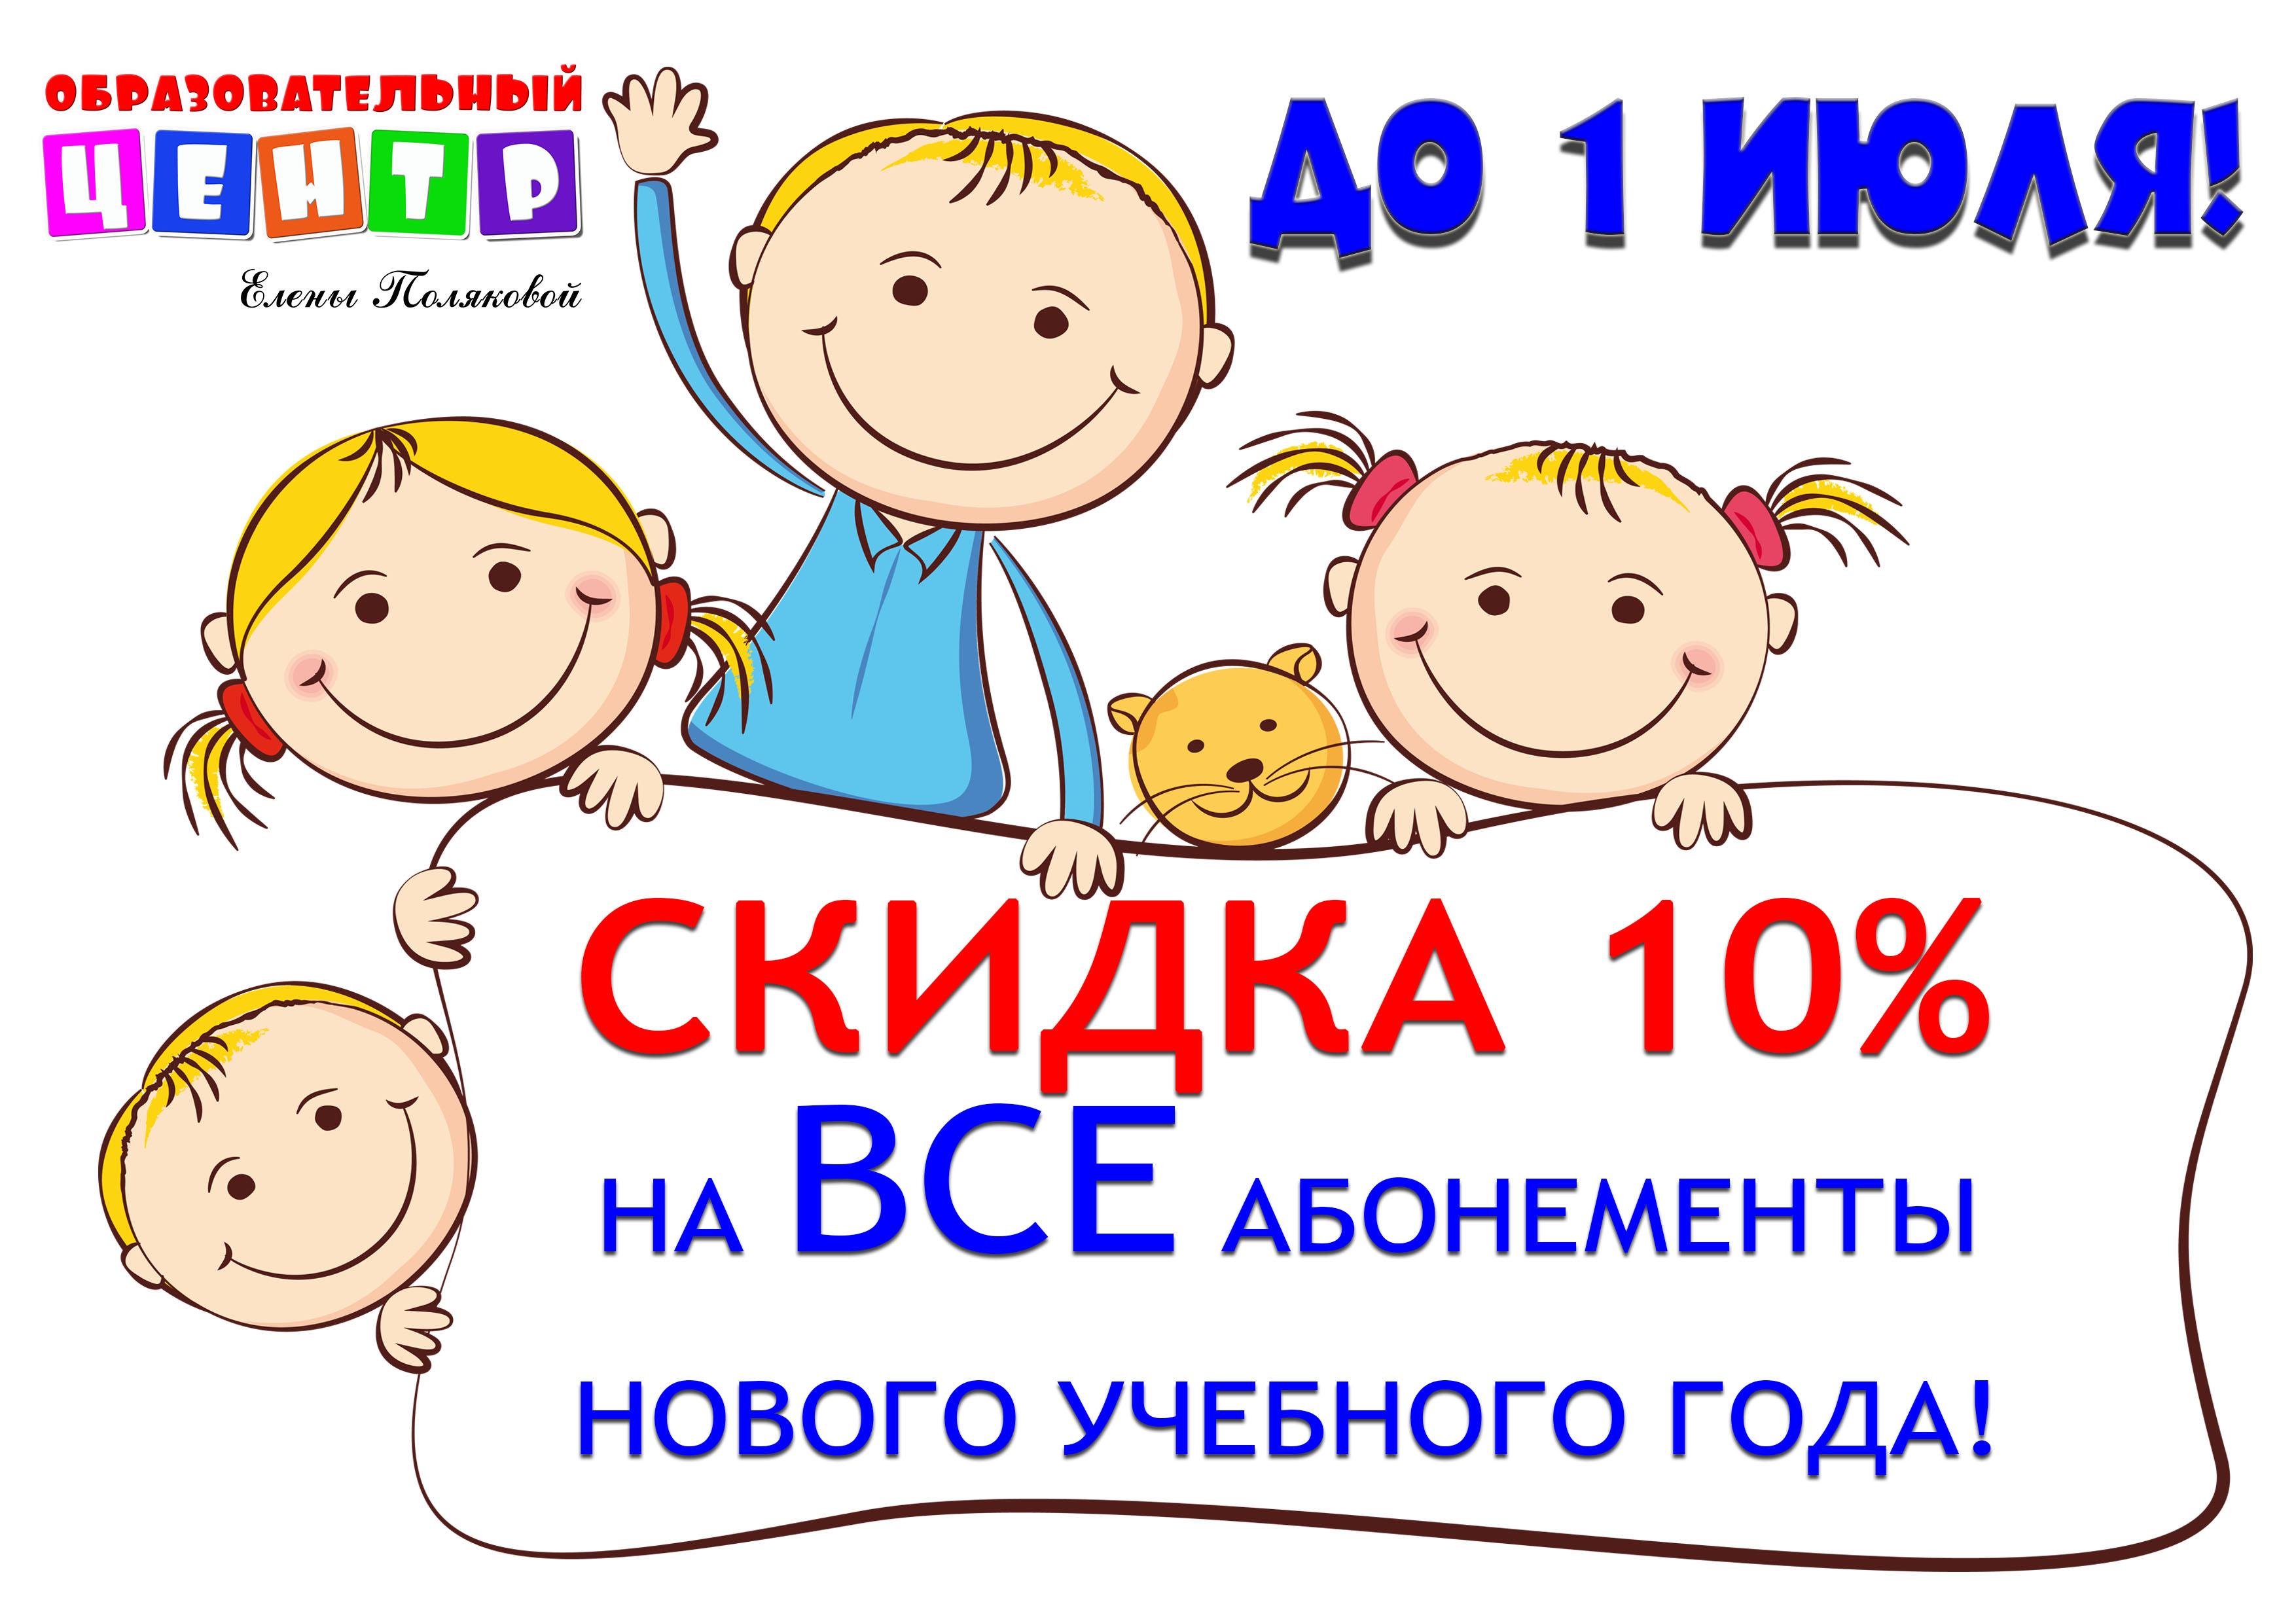 10% на любые абонементы нового учебного года!